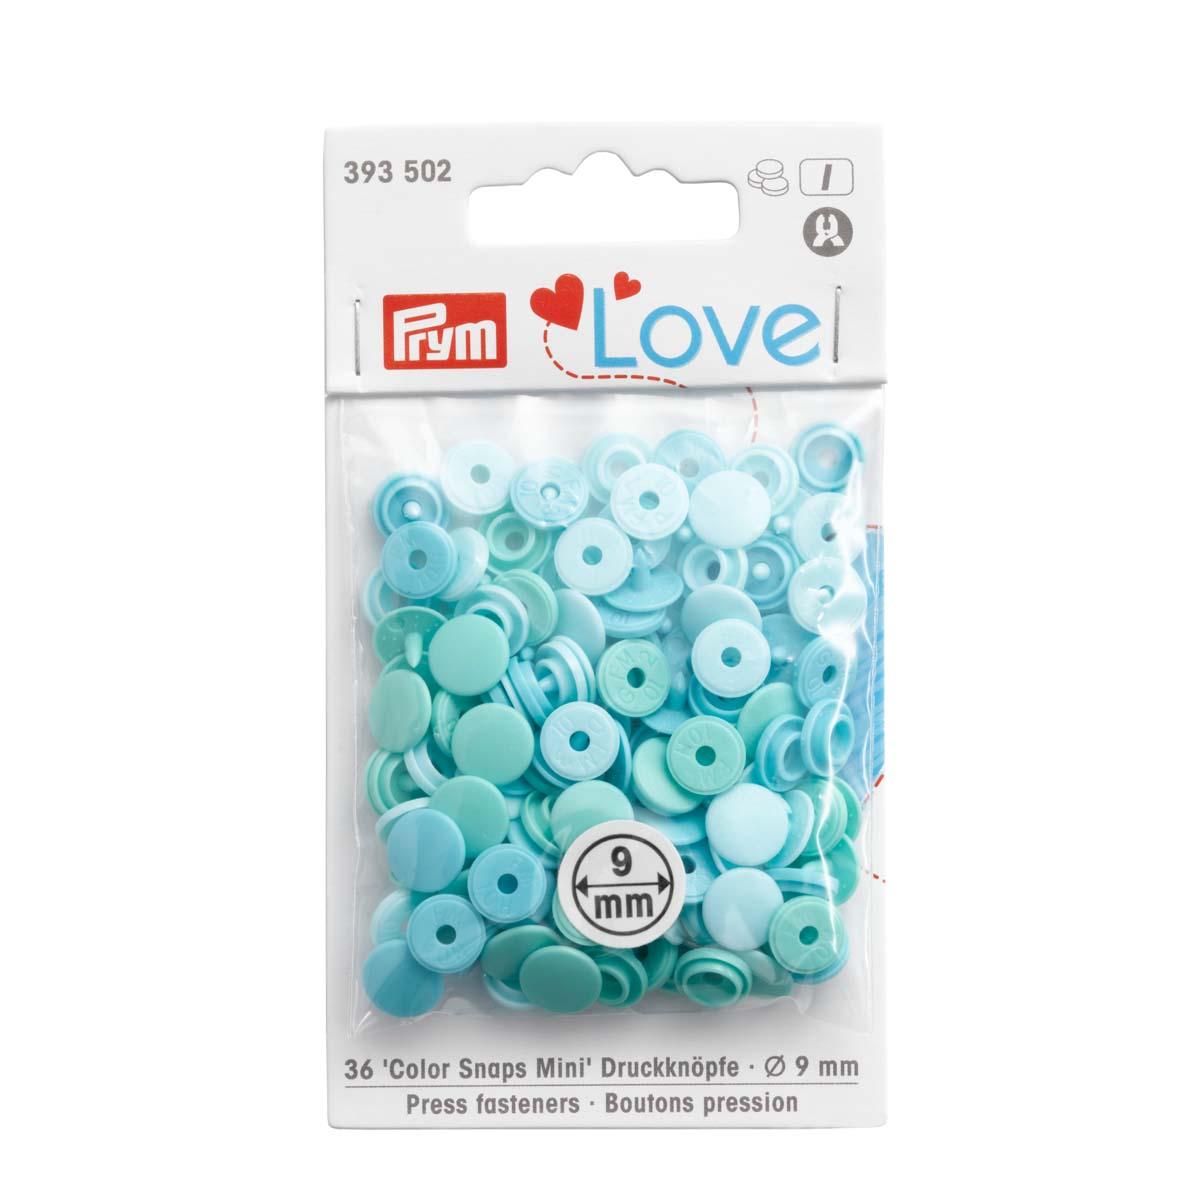 393502 Kнопки Color Snaps Mini PrymLove, мятный цв., 36шт Prym